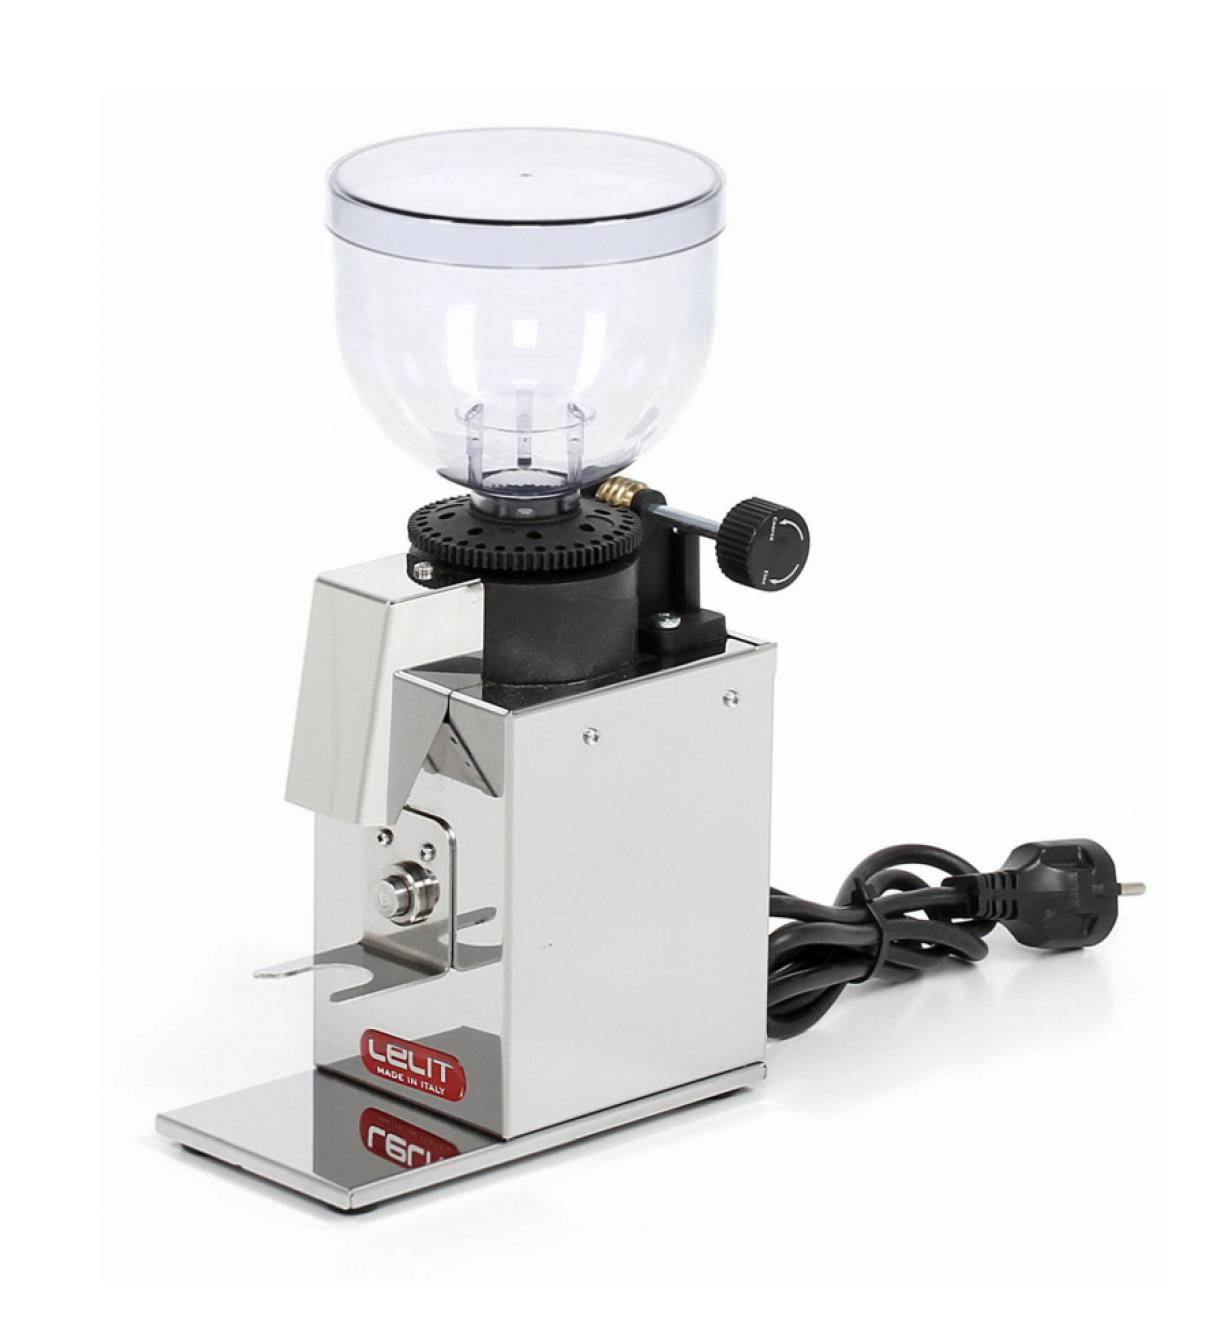 Кофемолка электрическая жерновая Lelit FRED PL043MMI